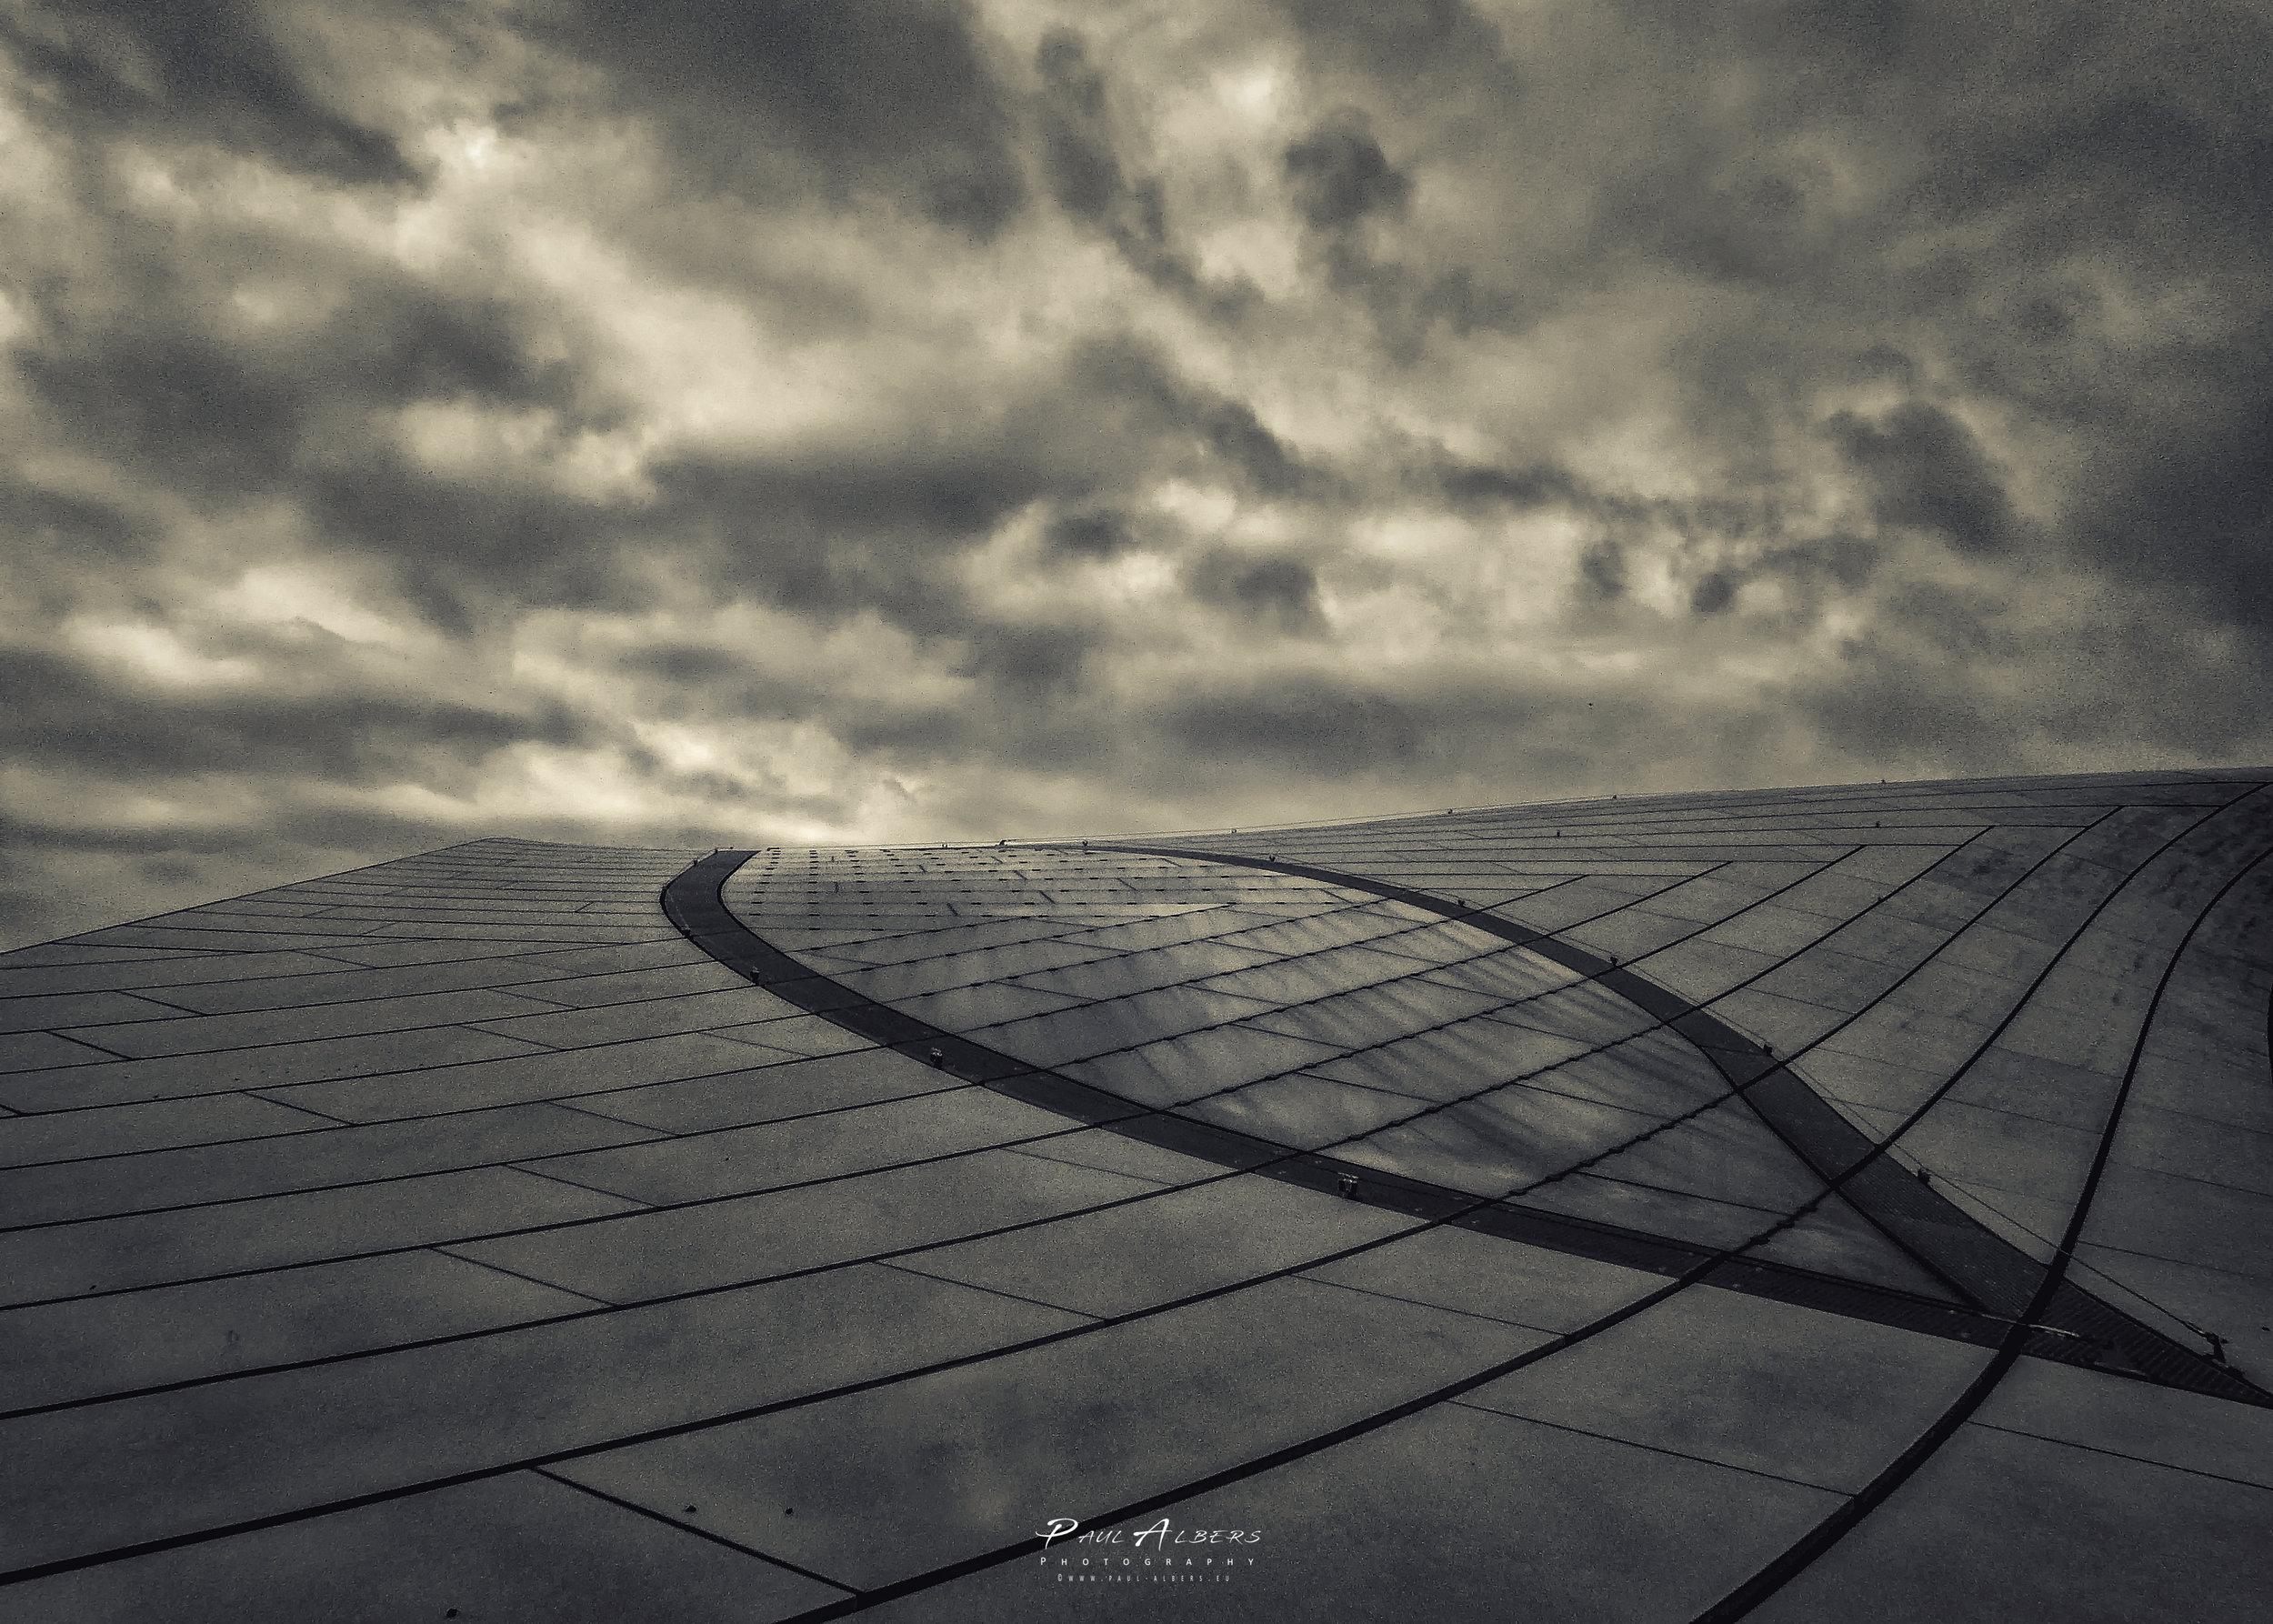 Paul-Albers-5x7-201.jpg